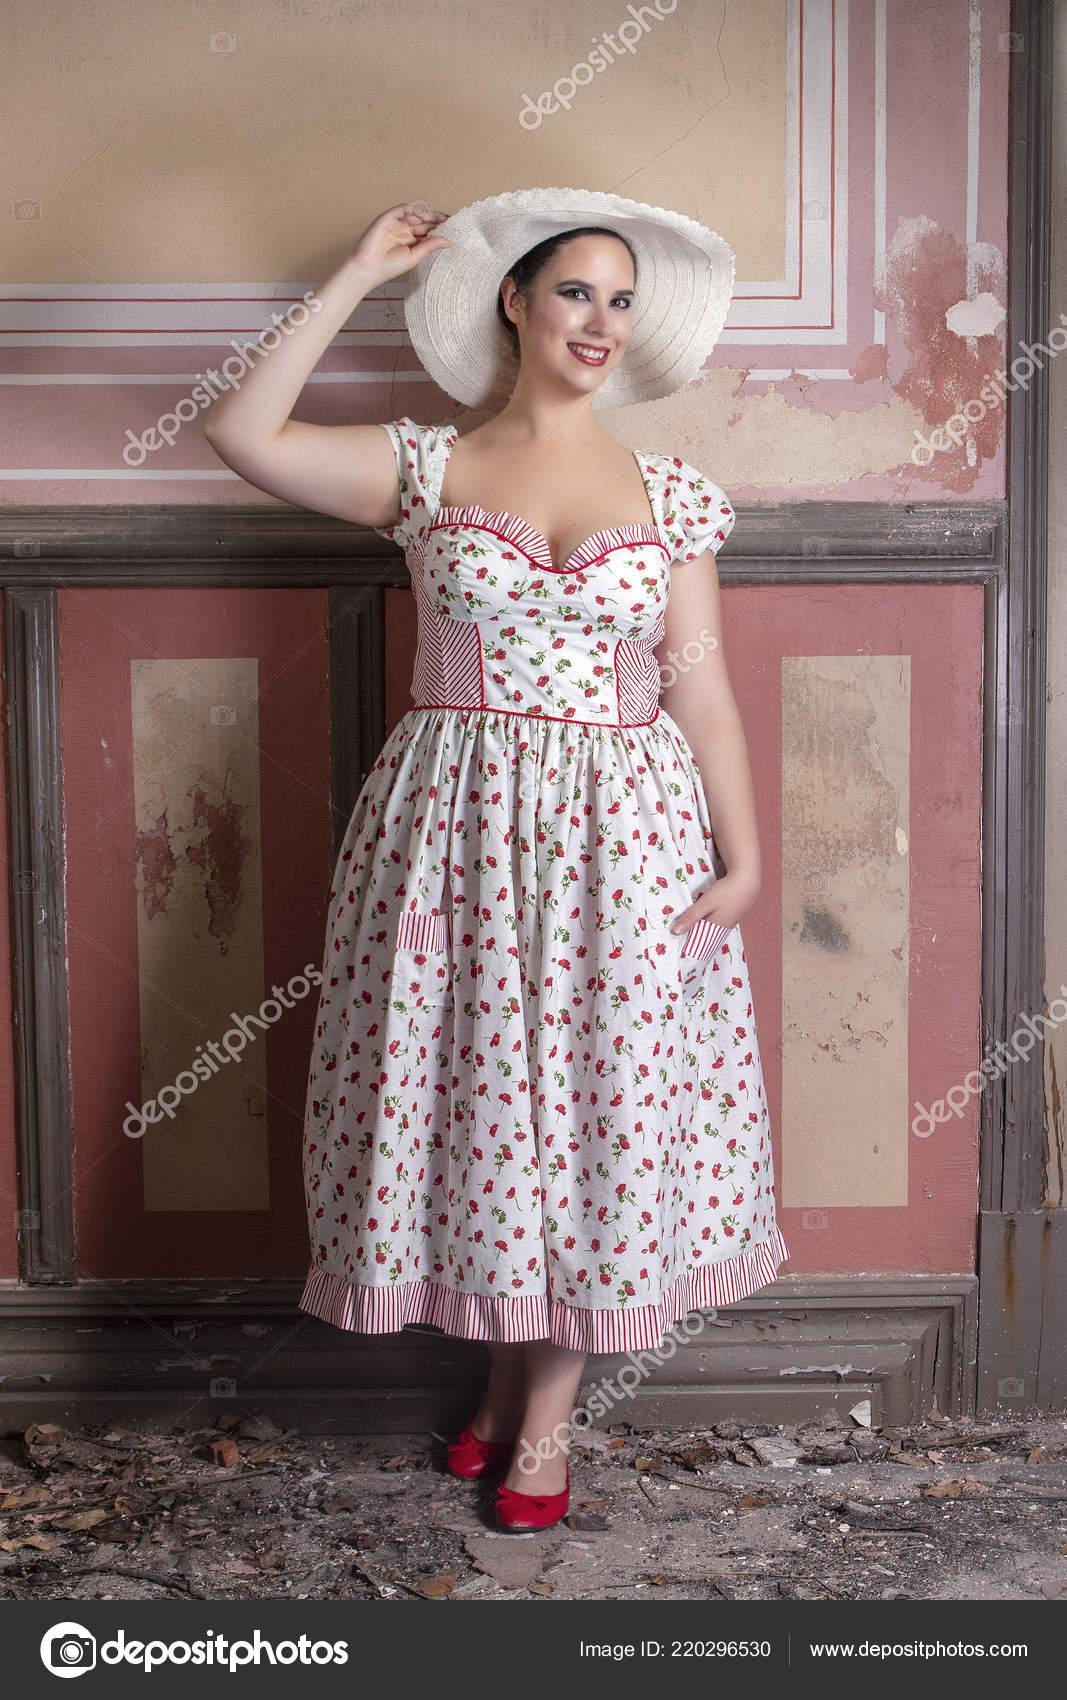 5d274059f7065 Beyaz elbise ve kırmızı çiçekler ve şapka ile bir kırsal genç bayan kadın  görünümünü üzerinde terk edilmiş bir Saray eski duvar resimleri ile —  membio - ...